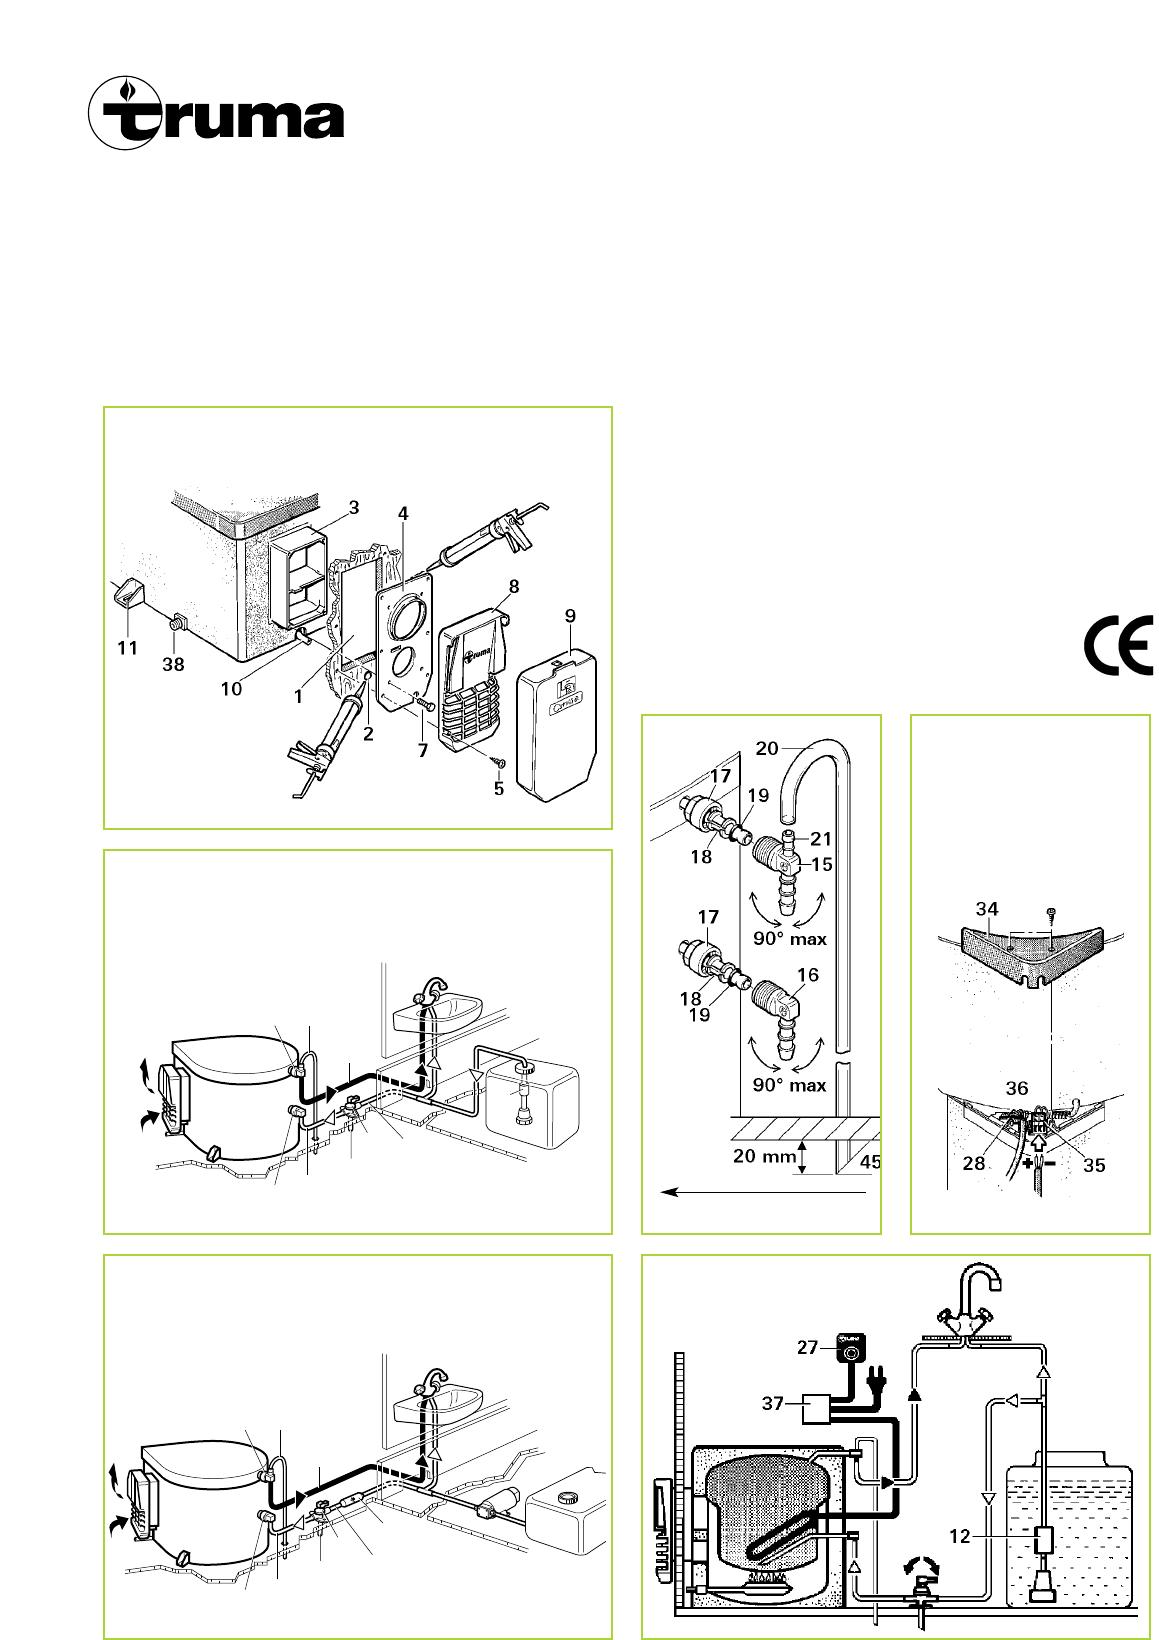 Manual Truma Ultrastore (page 3 of 10) (English) | Truma Caravan Heater Wiring Diagram |  | Libble.eu